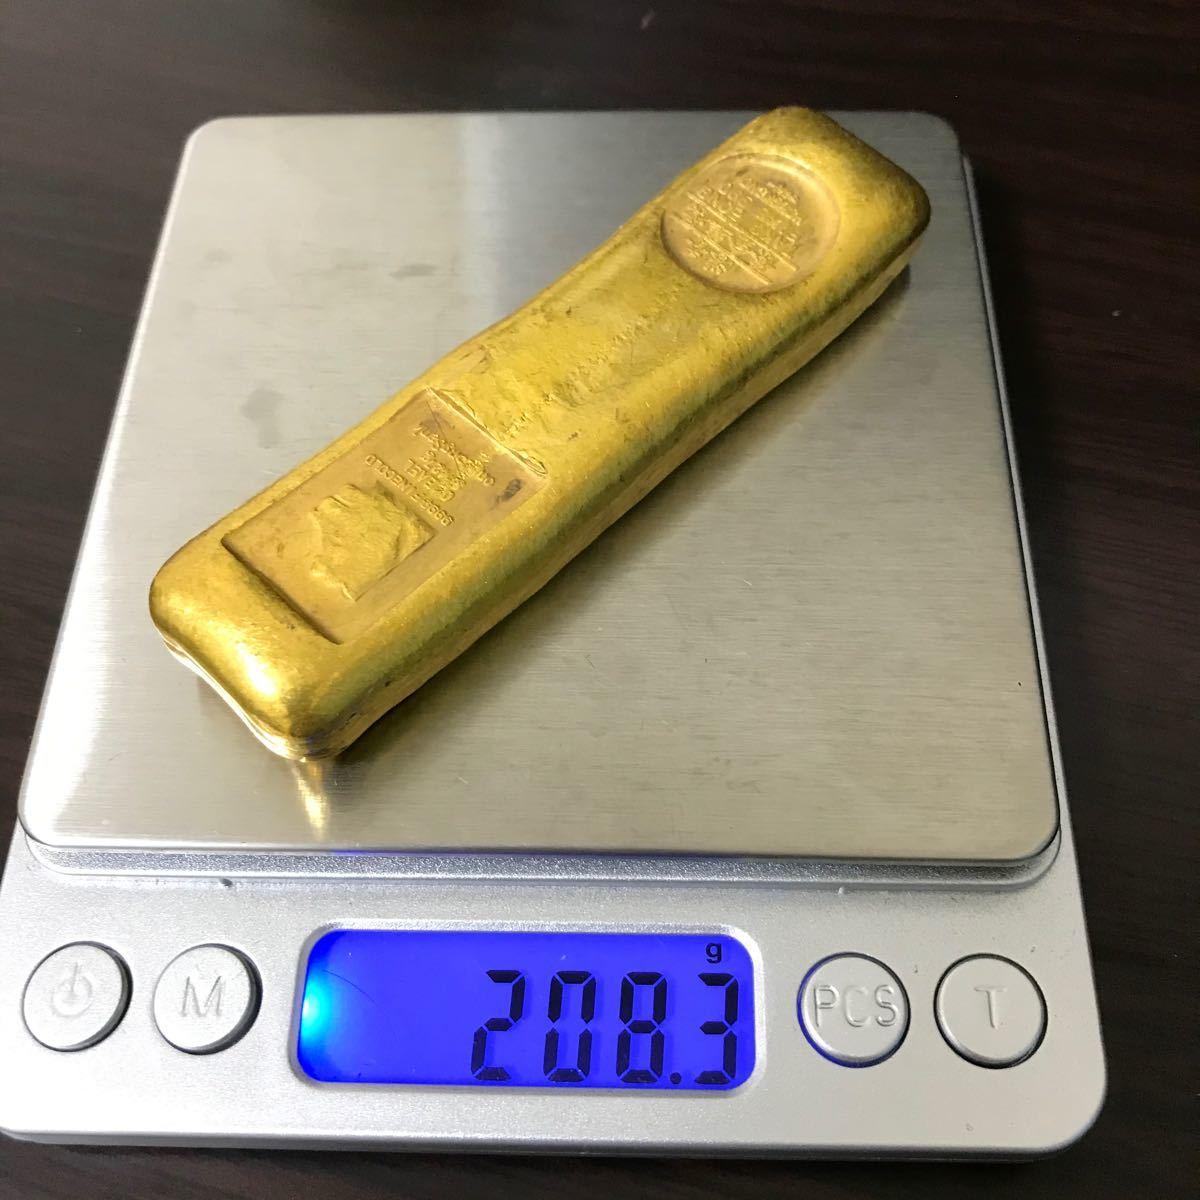 古銭 金貨 開運金棒 時代物 「香港 標準金條」刻印 縁起物 重さ208g